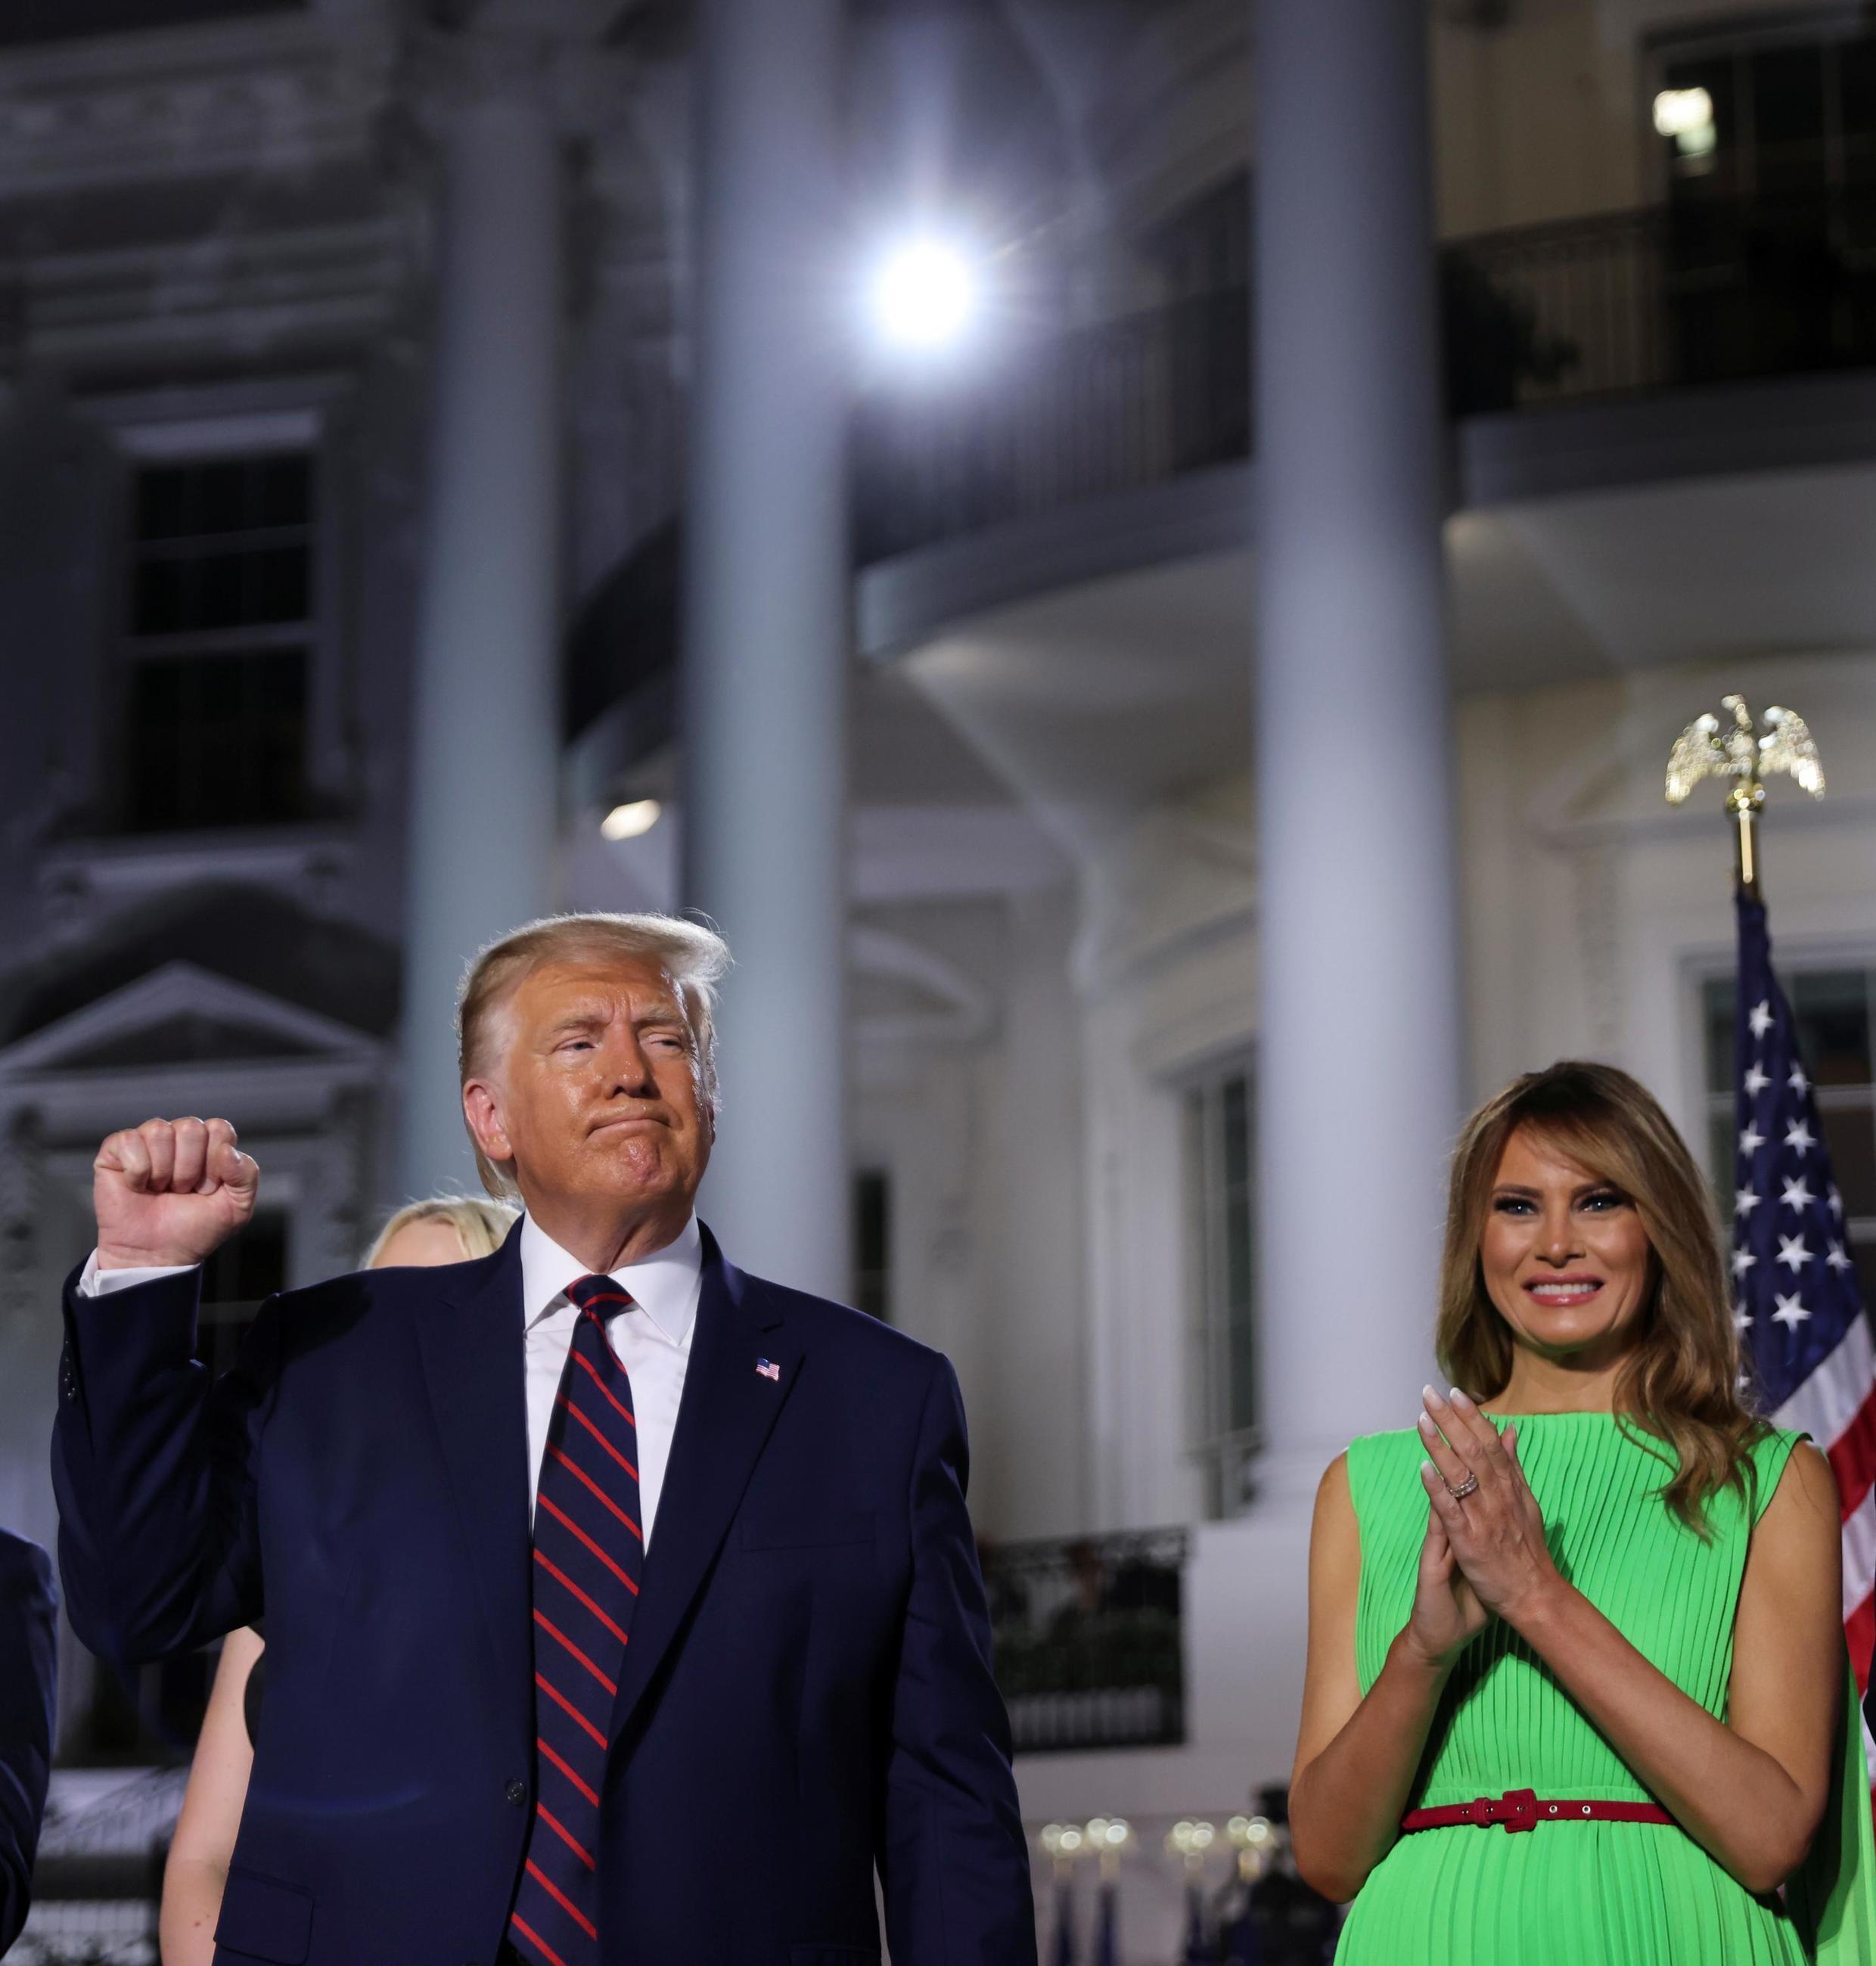 Donald Trump ameridhia uteuzi wa chama cha Republican kwa kuwania katika uchaguzi wa urais katika hotuba alitoa Ikulu ya White Agosti 27, 2020.